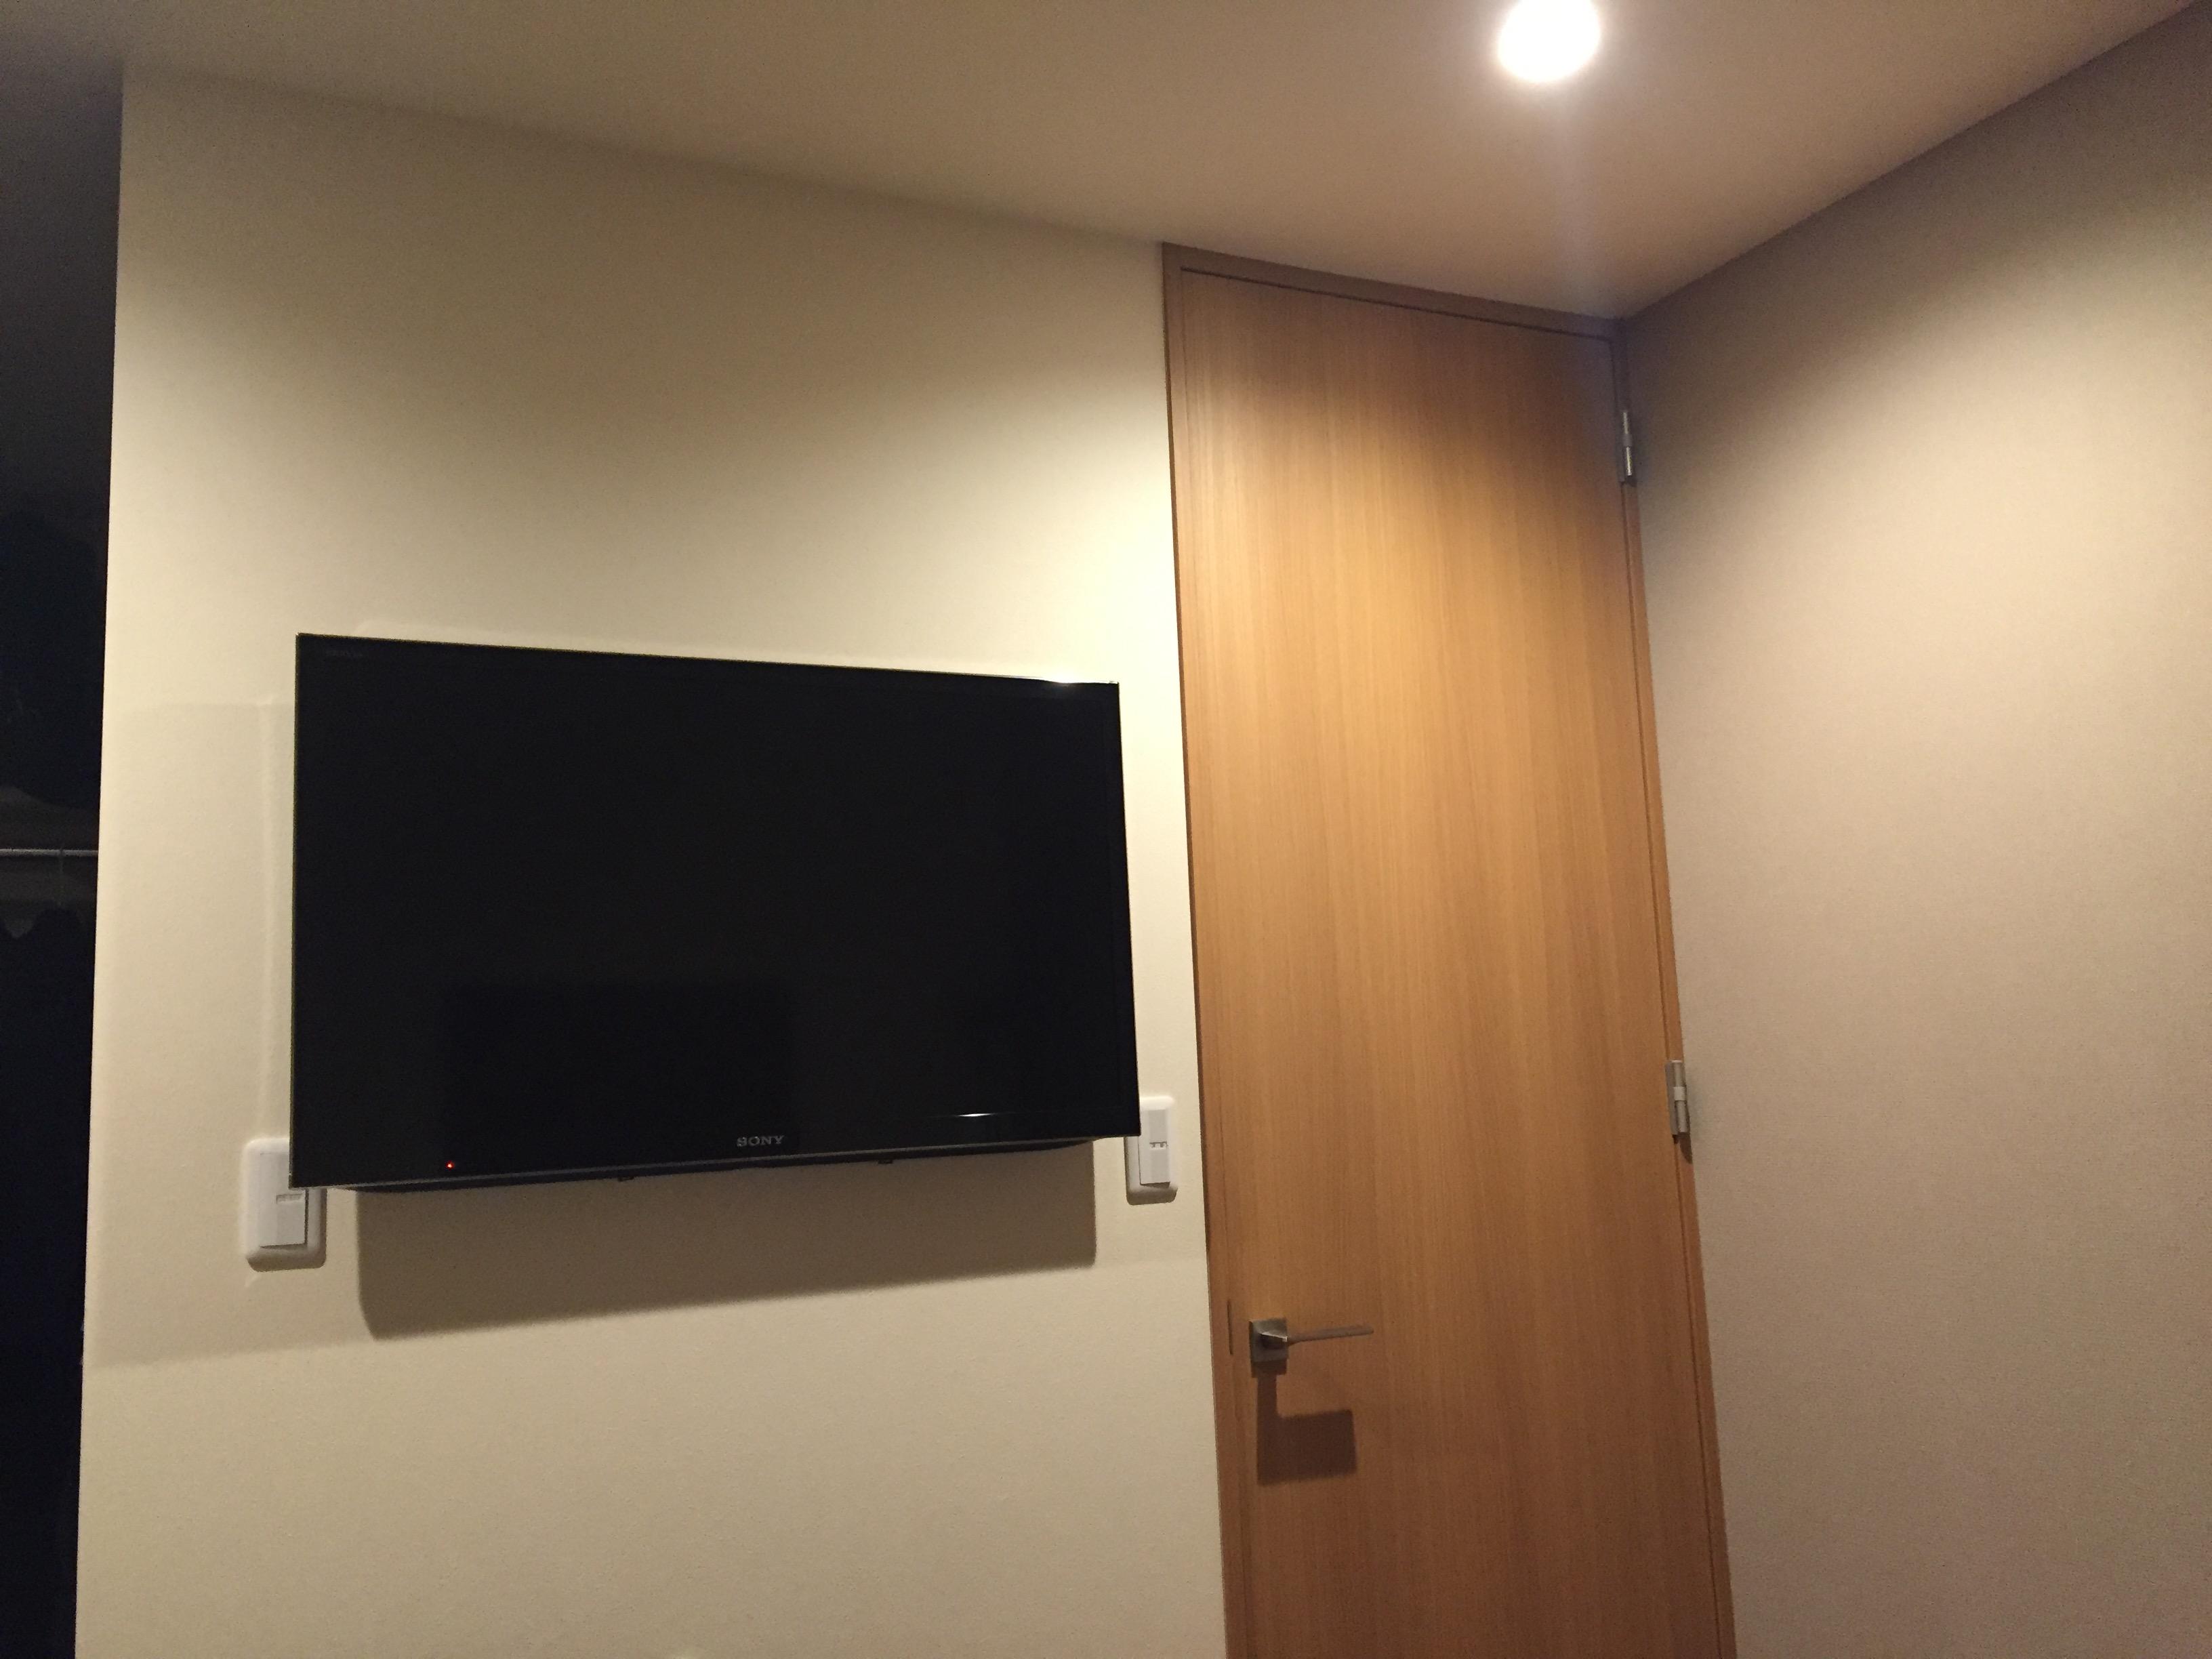 壁掛けテレビ画像